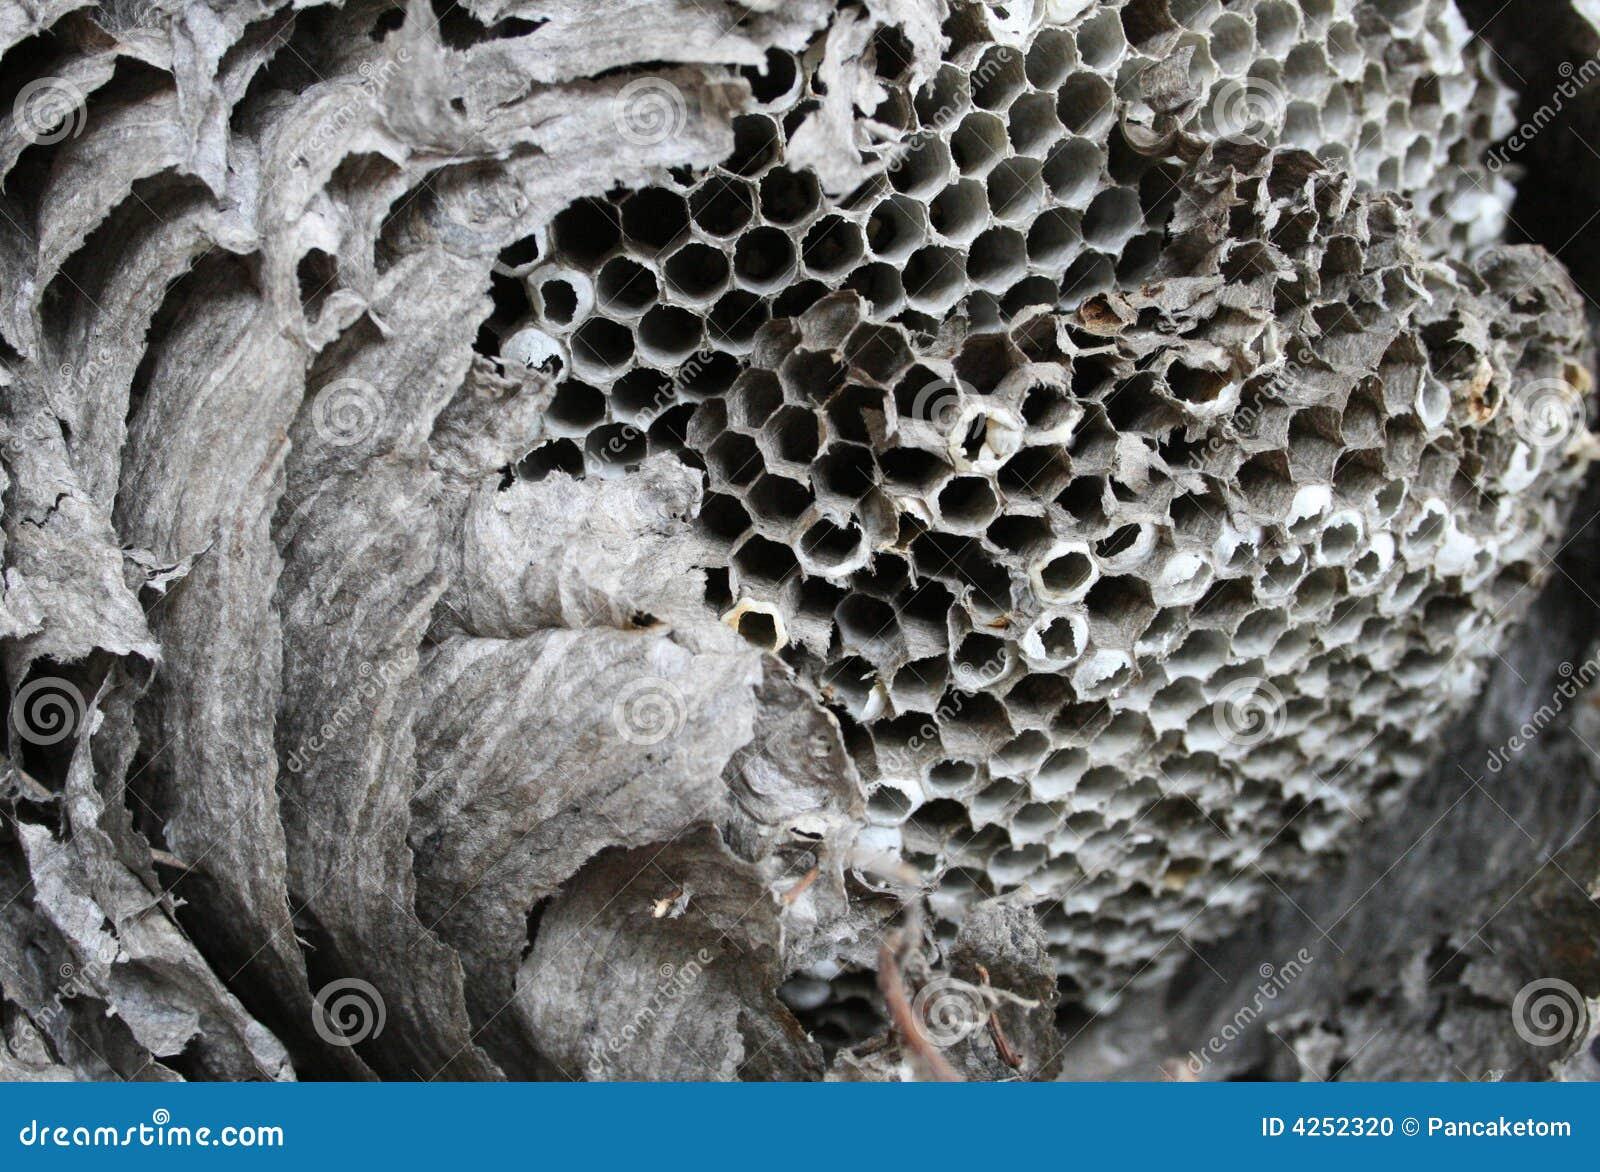 嵌套纸质黄蜂